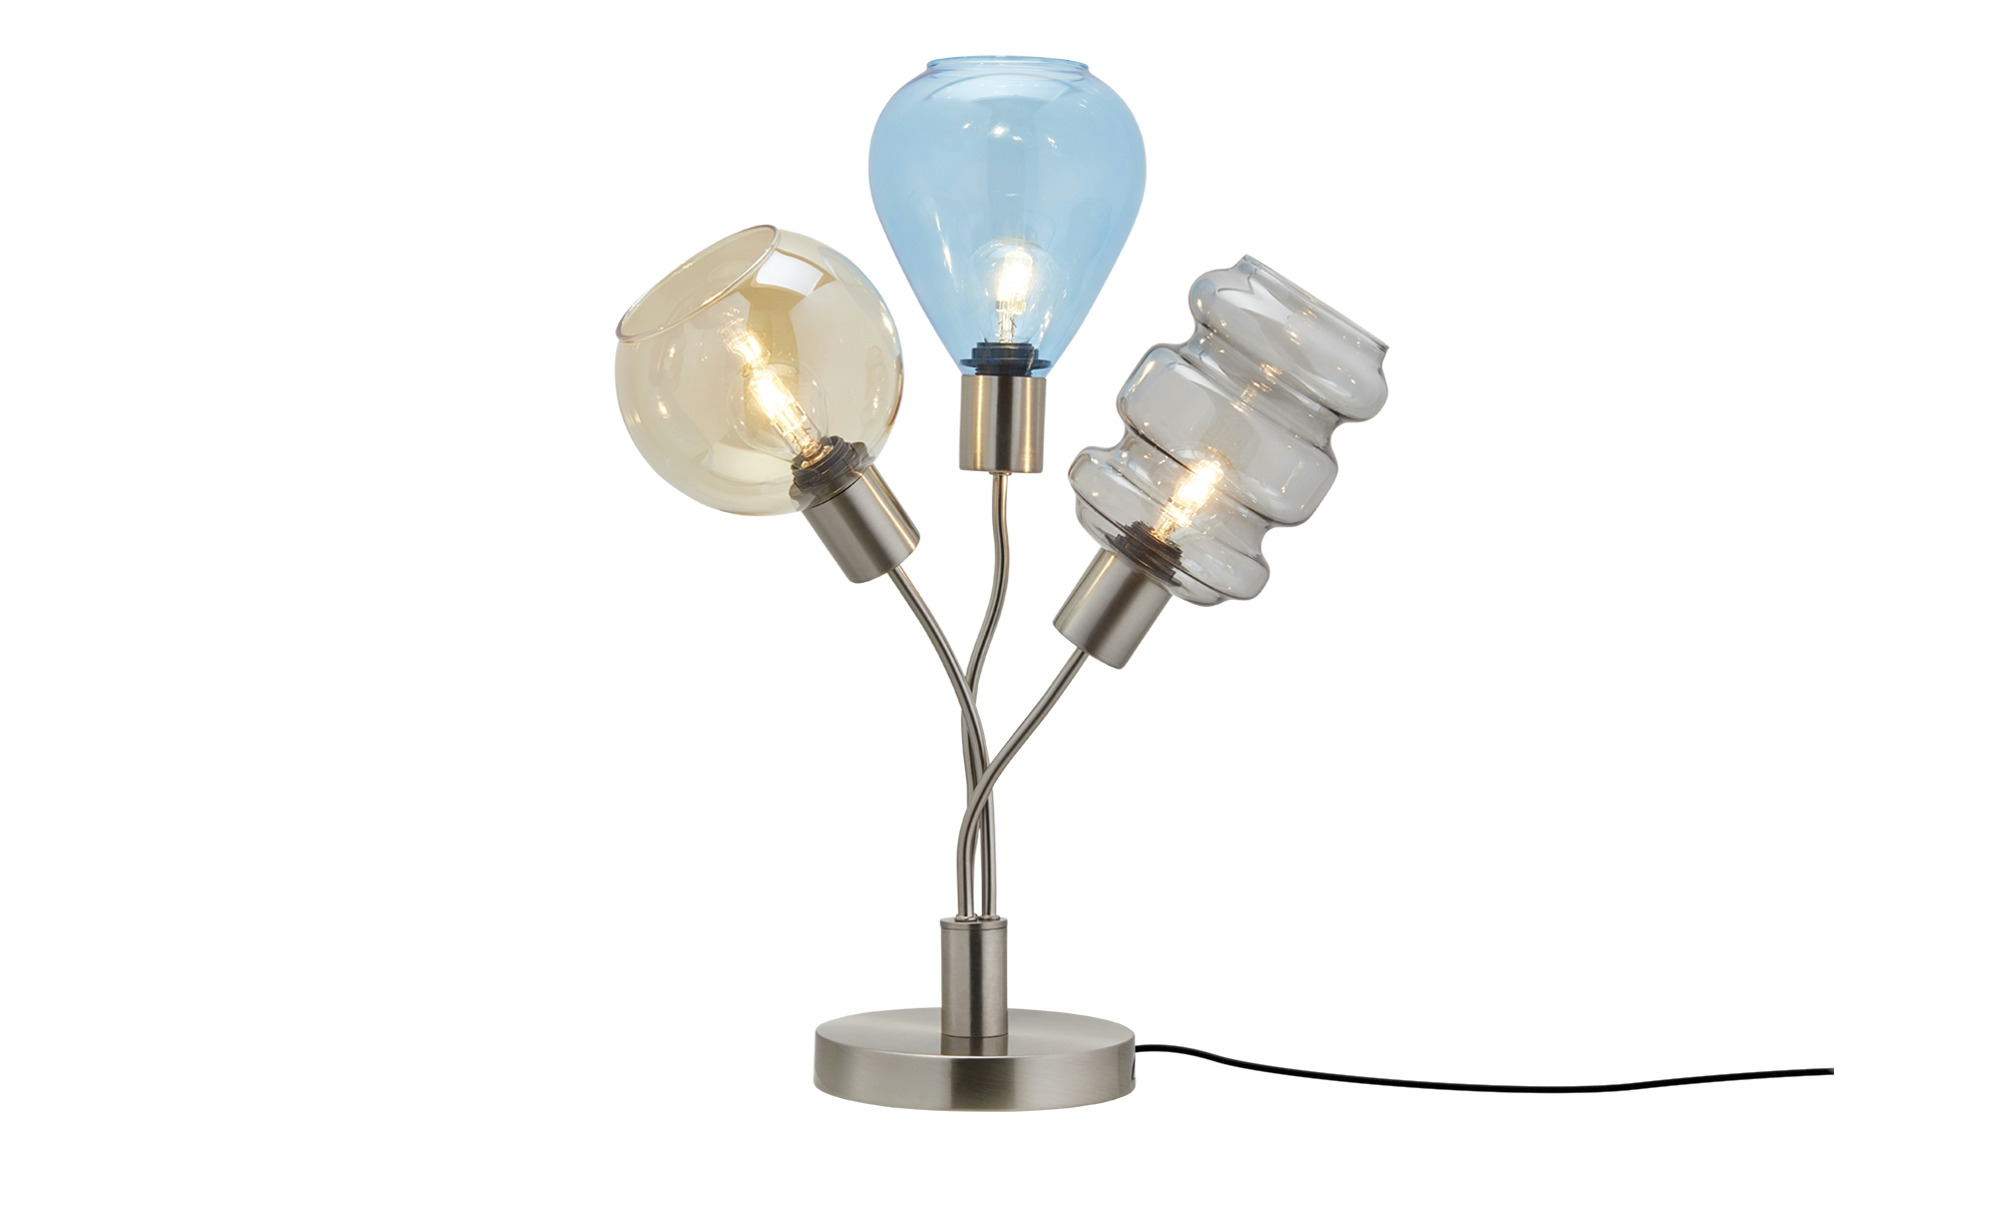 Tischleuchte, 3-flammig, Gläser in bunt ¦ mehrfarbig ¦ Maße (cm): H: 35 Lampen & Leuchten > Innenleuchten > Tischlampen - Höffner